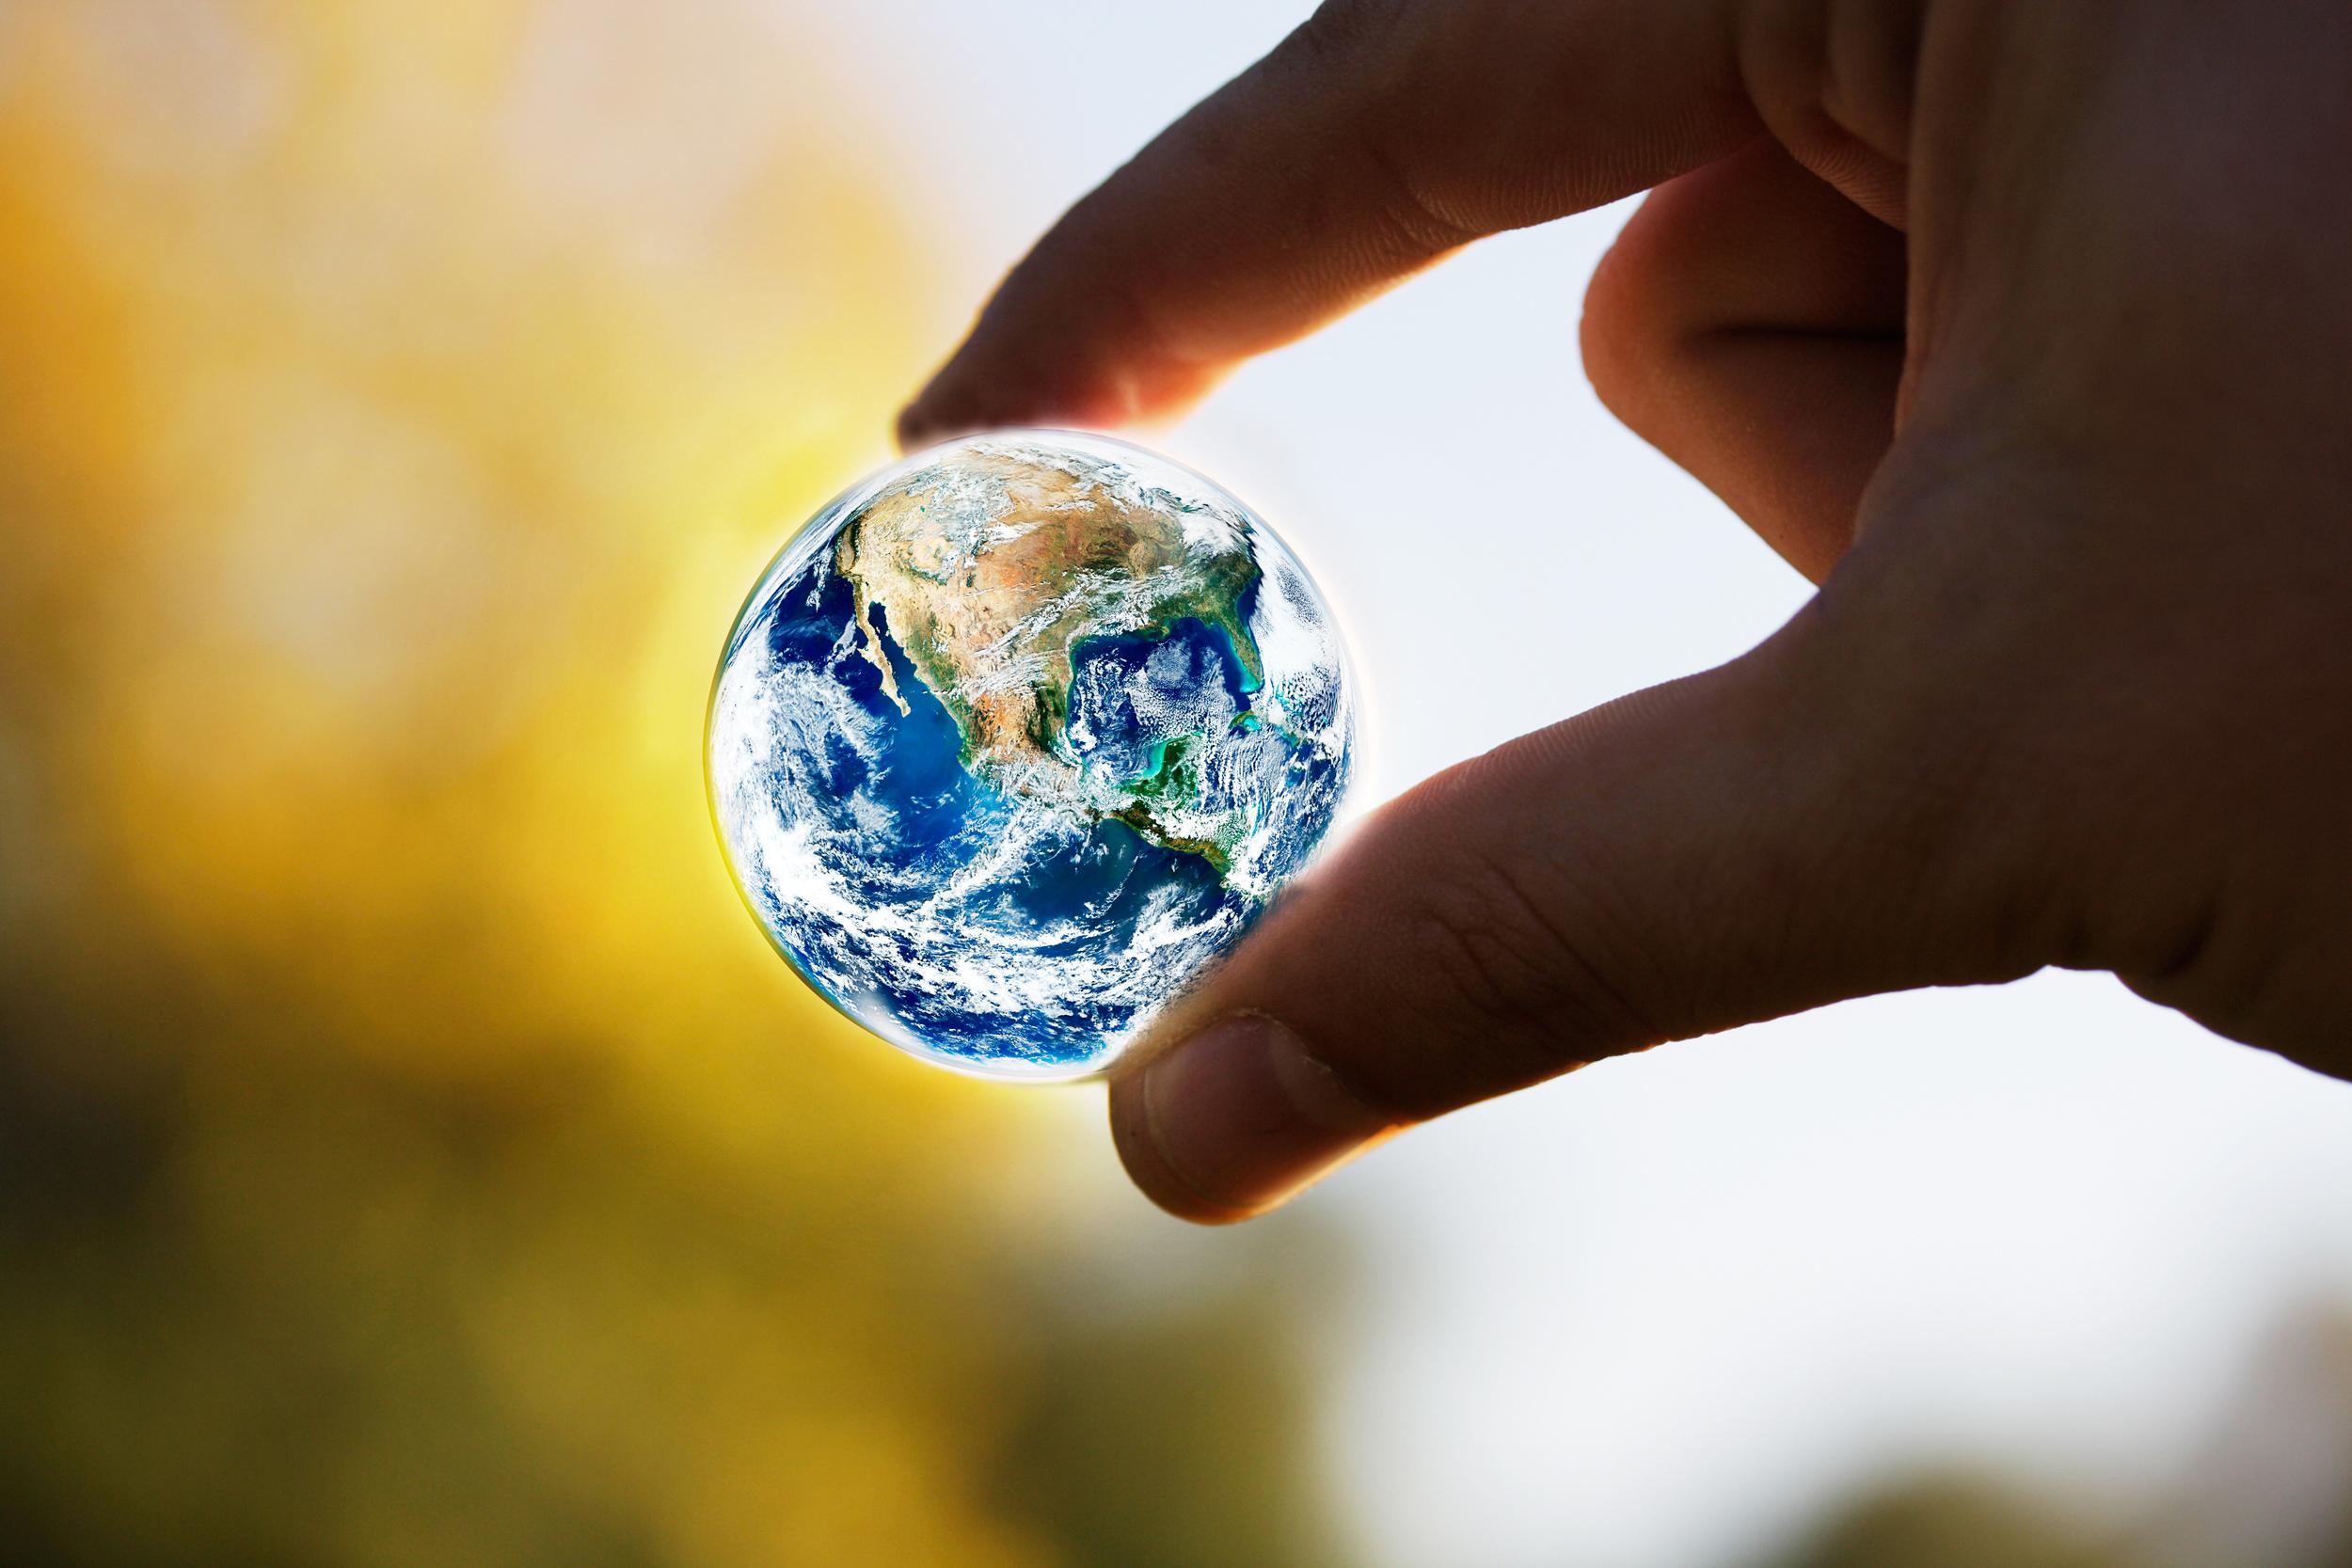 Приятного, картинки земной шар на ладони